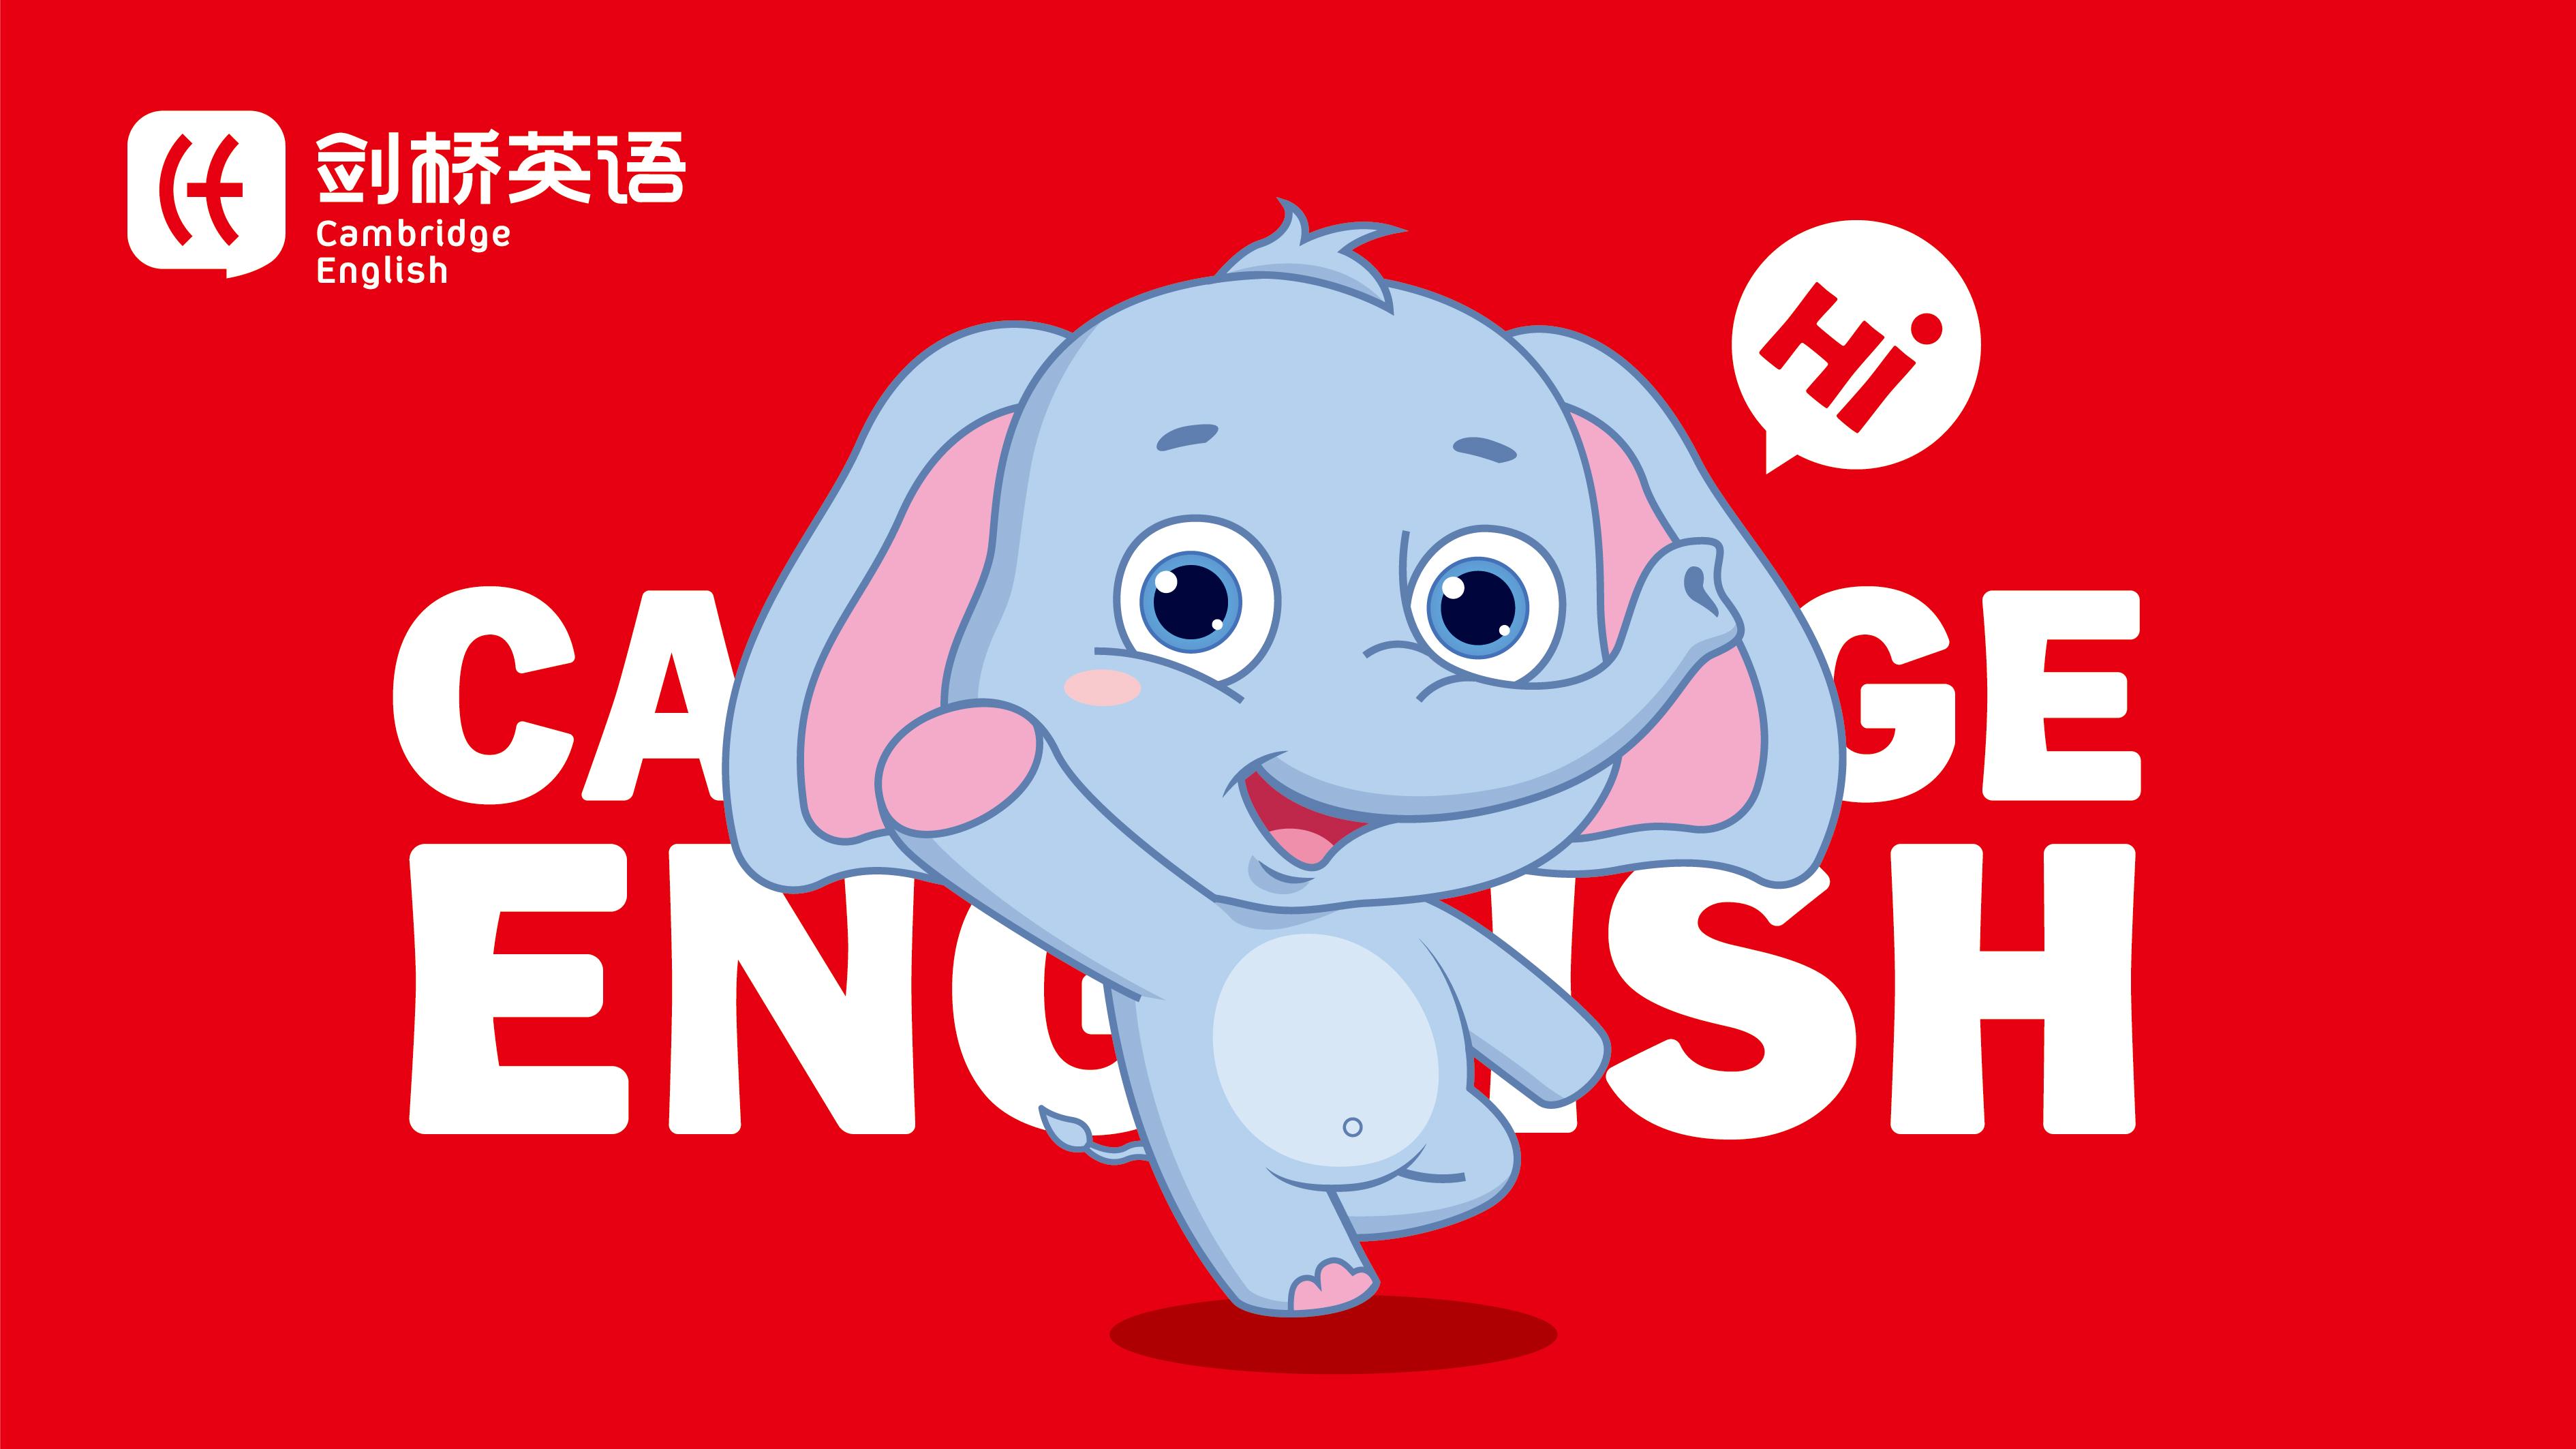 银川剑桥英语培训中心吉祥物设计